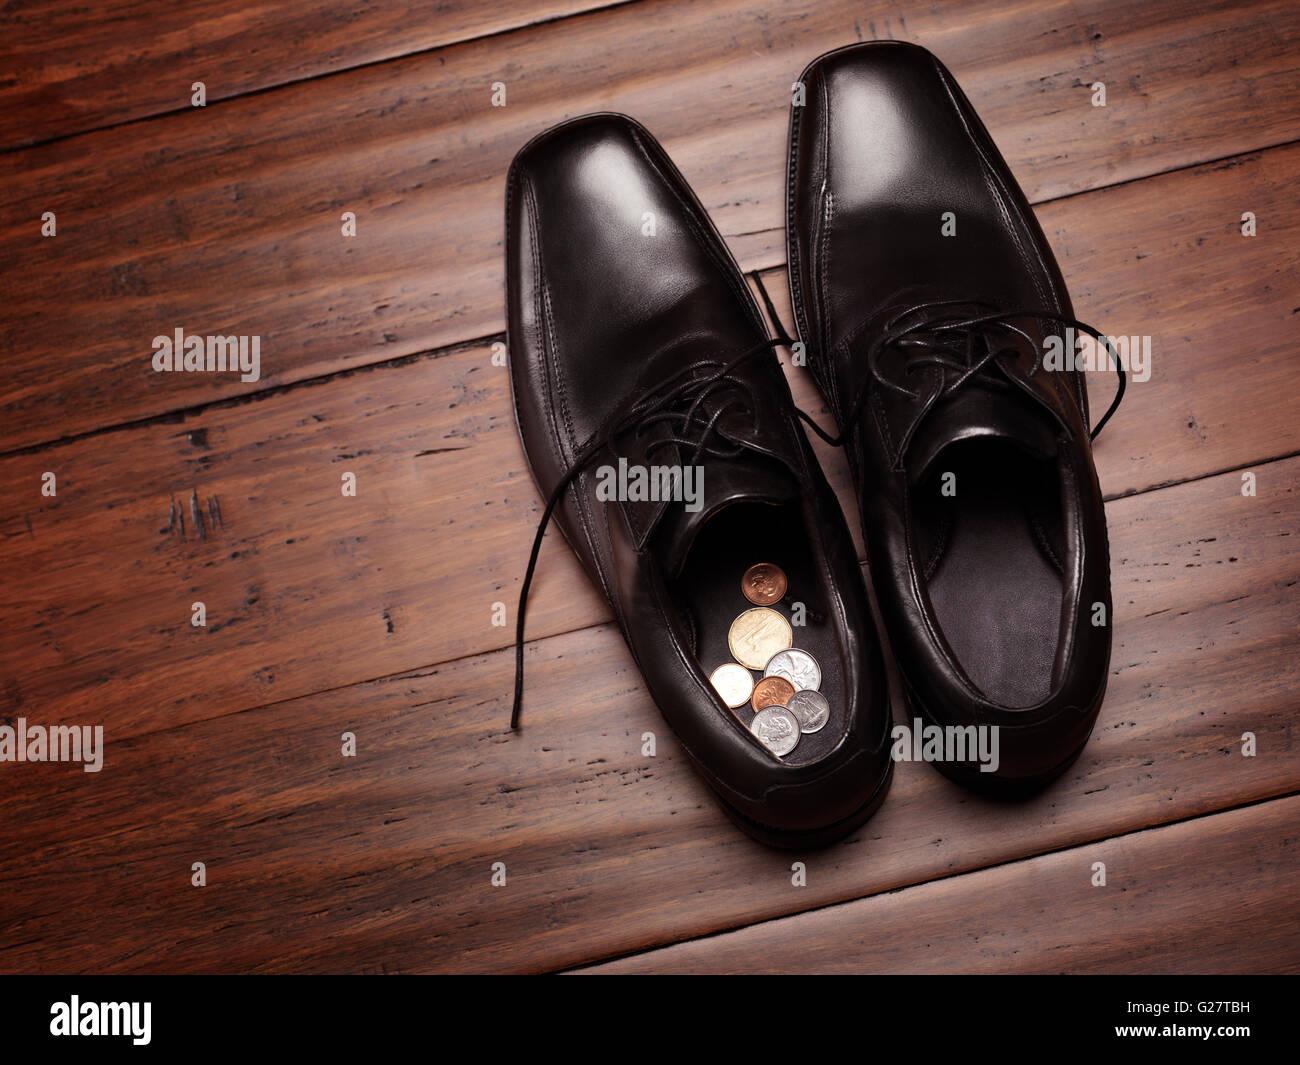 Fußboden Mit Münzen ~ Herrenschuhe auf dem boden mit münzen in ihnen stockfoto bild